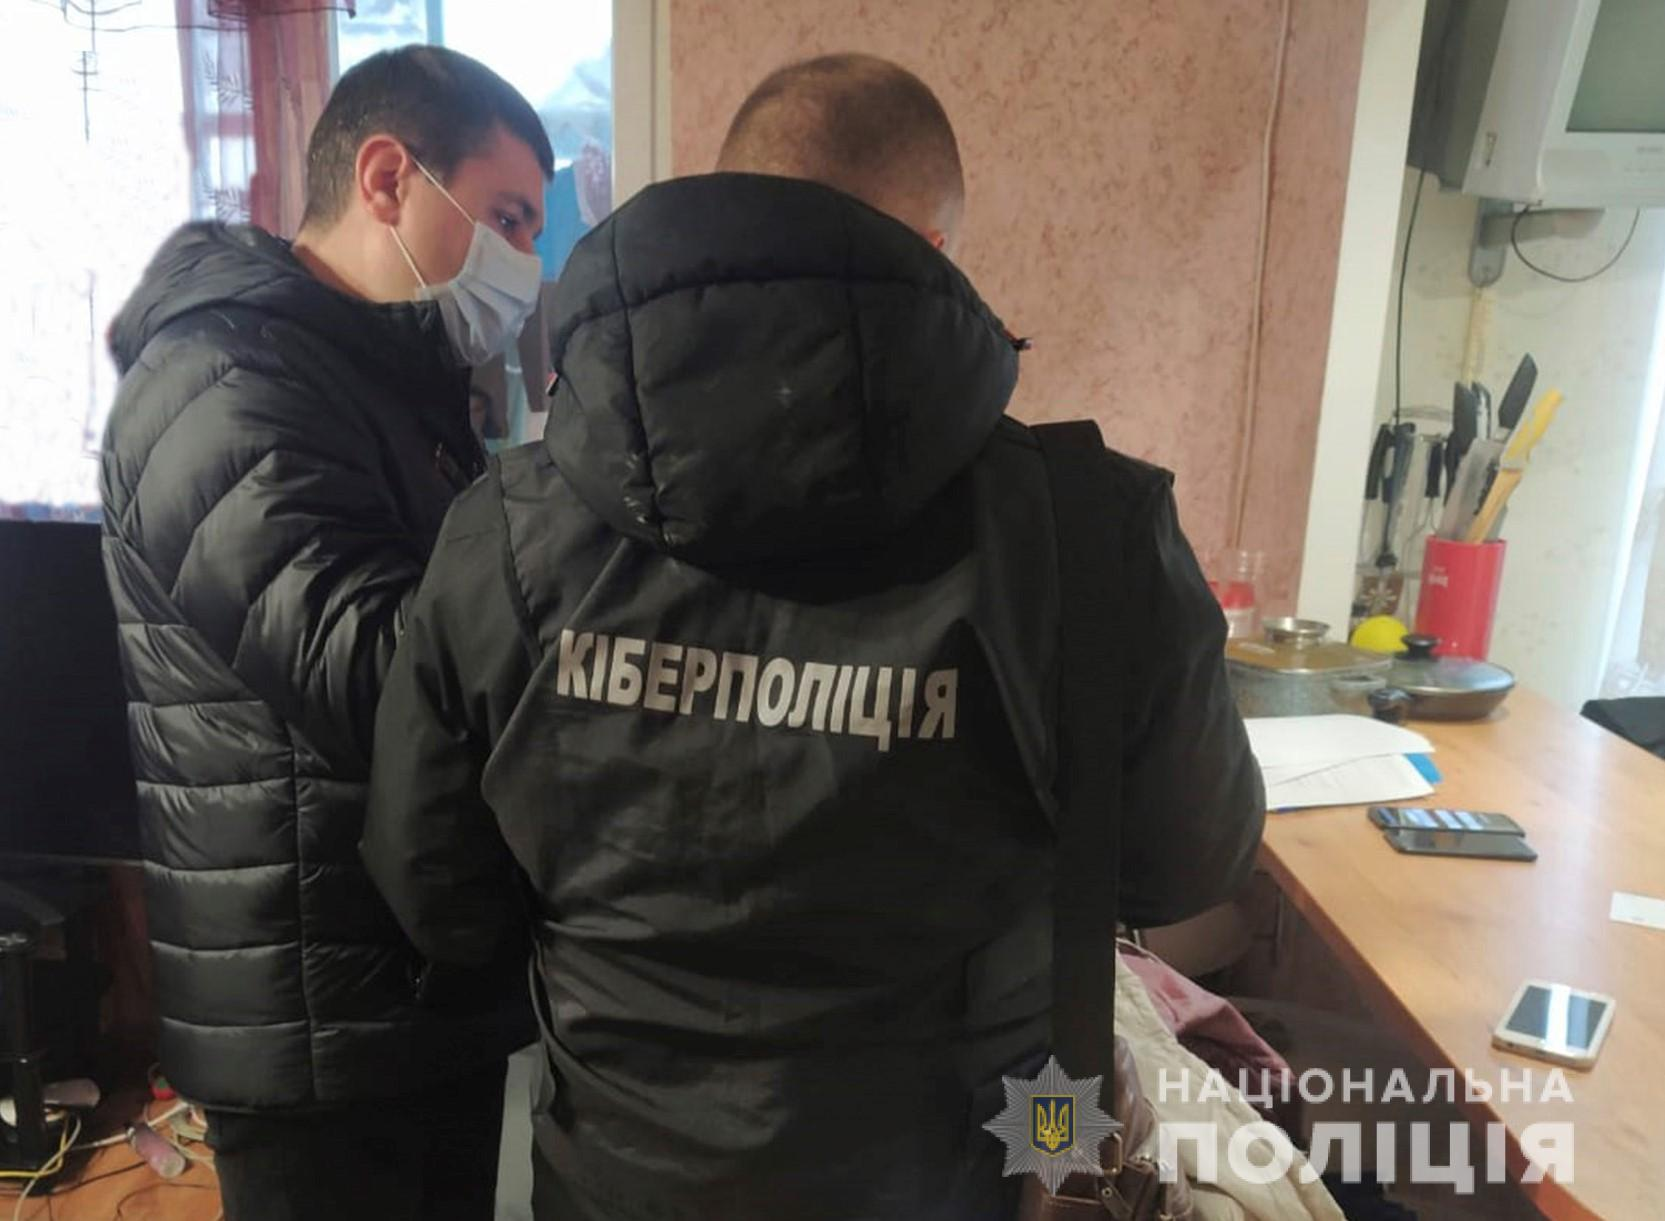 На Кіровоградщині дівчина продала фейкове взуття на 400 тис. грн